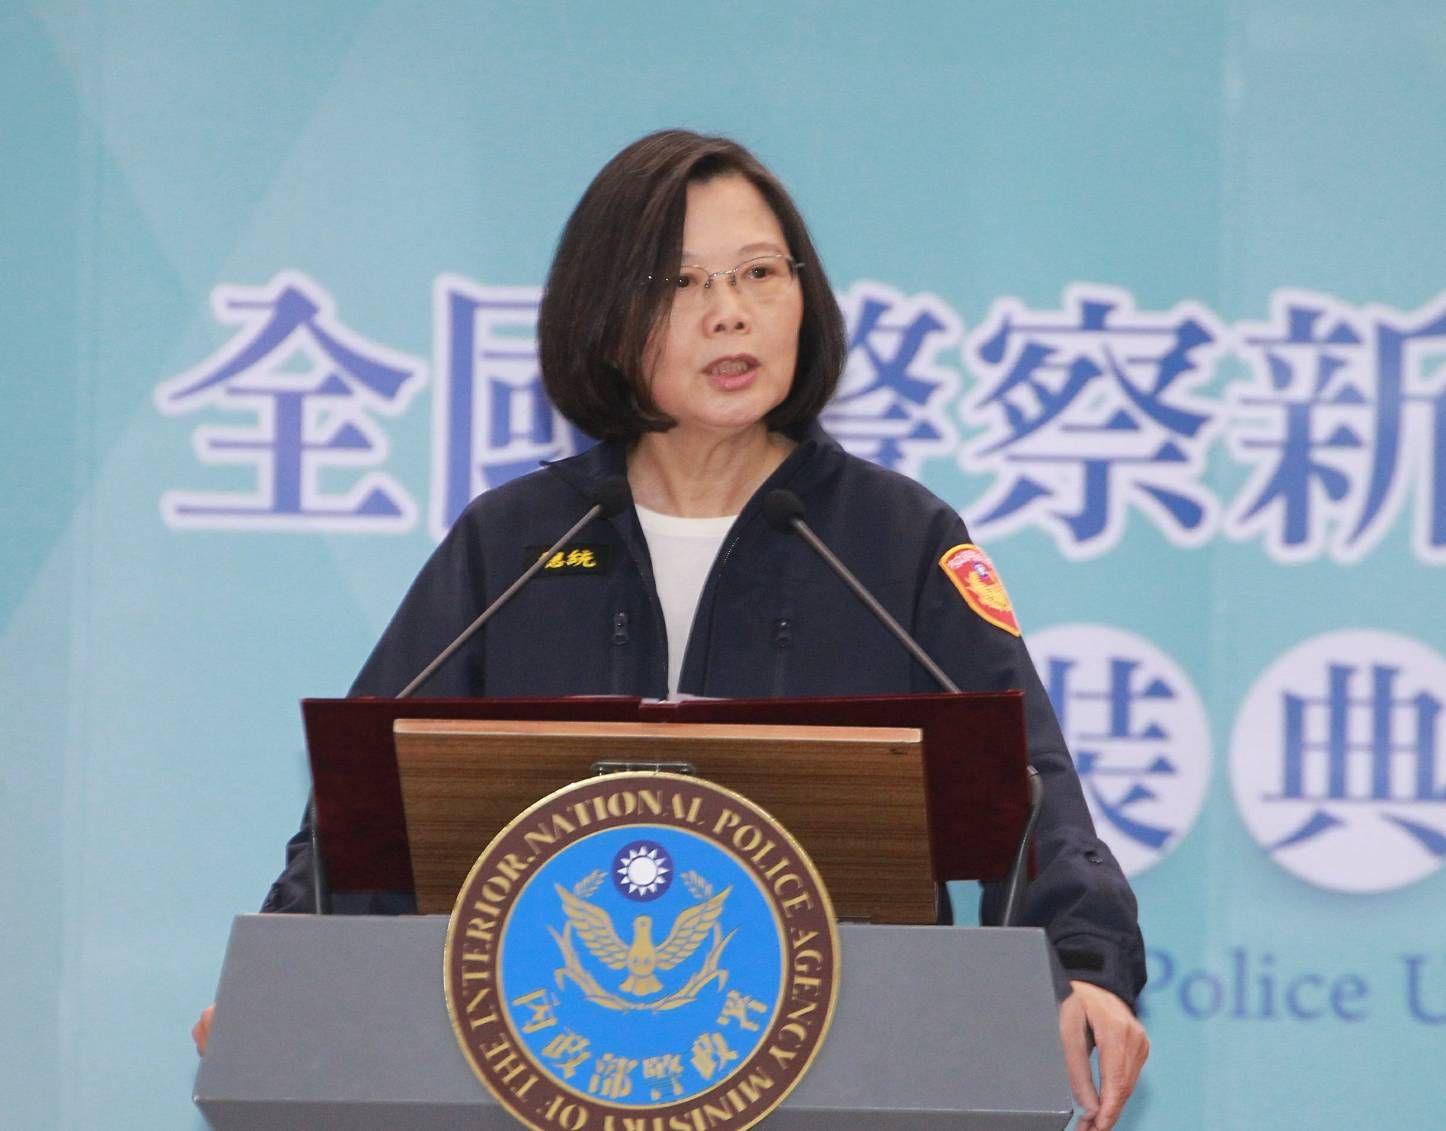 蔡英文總統18日出席「全國新式警便服換裝典禮」。(圖/記者邱榮吉攝)